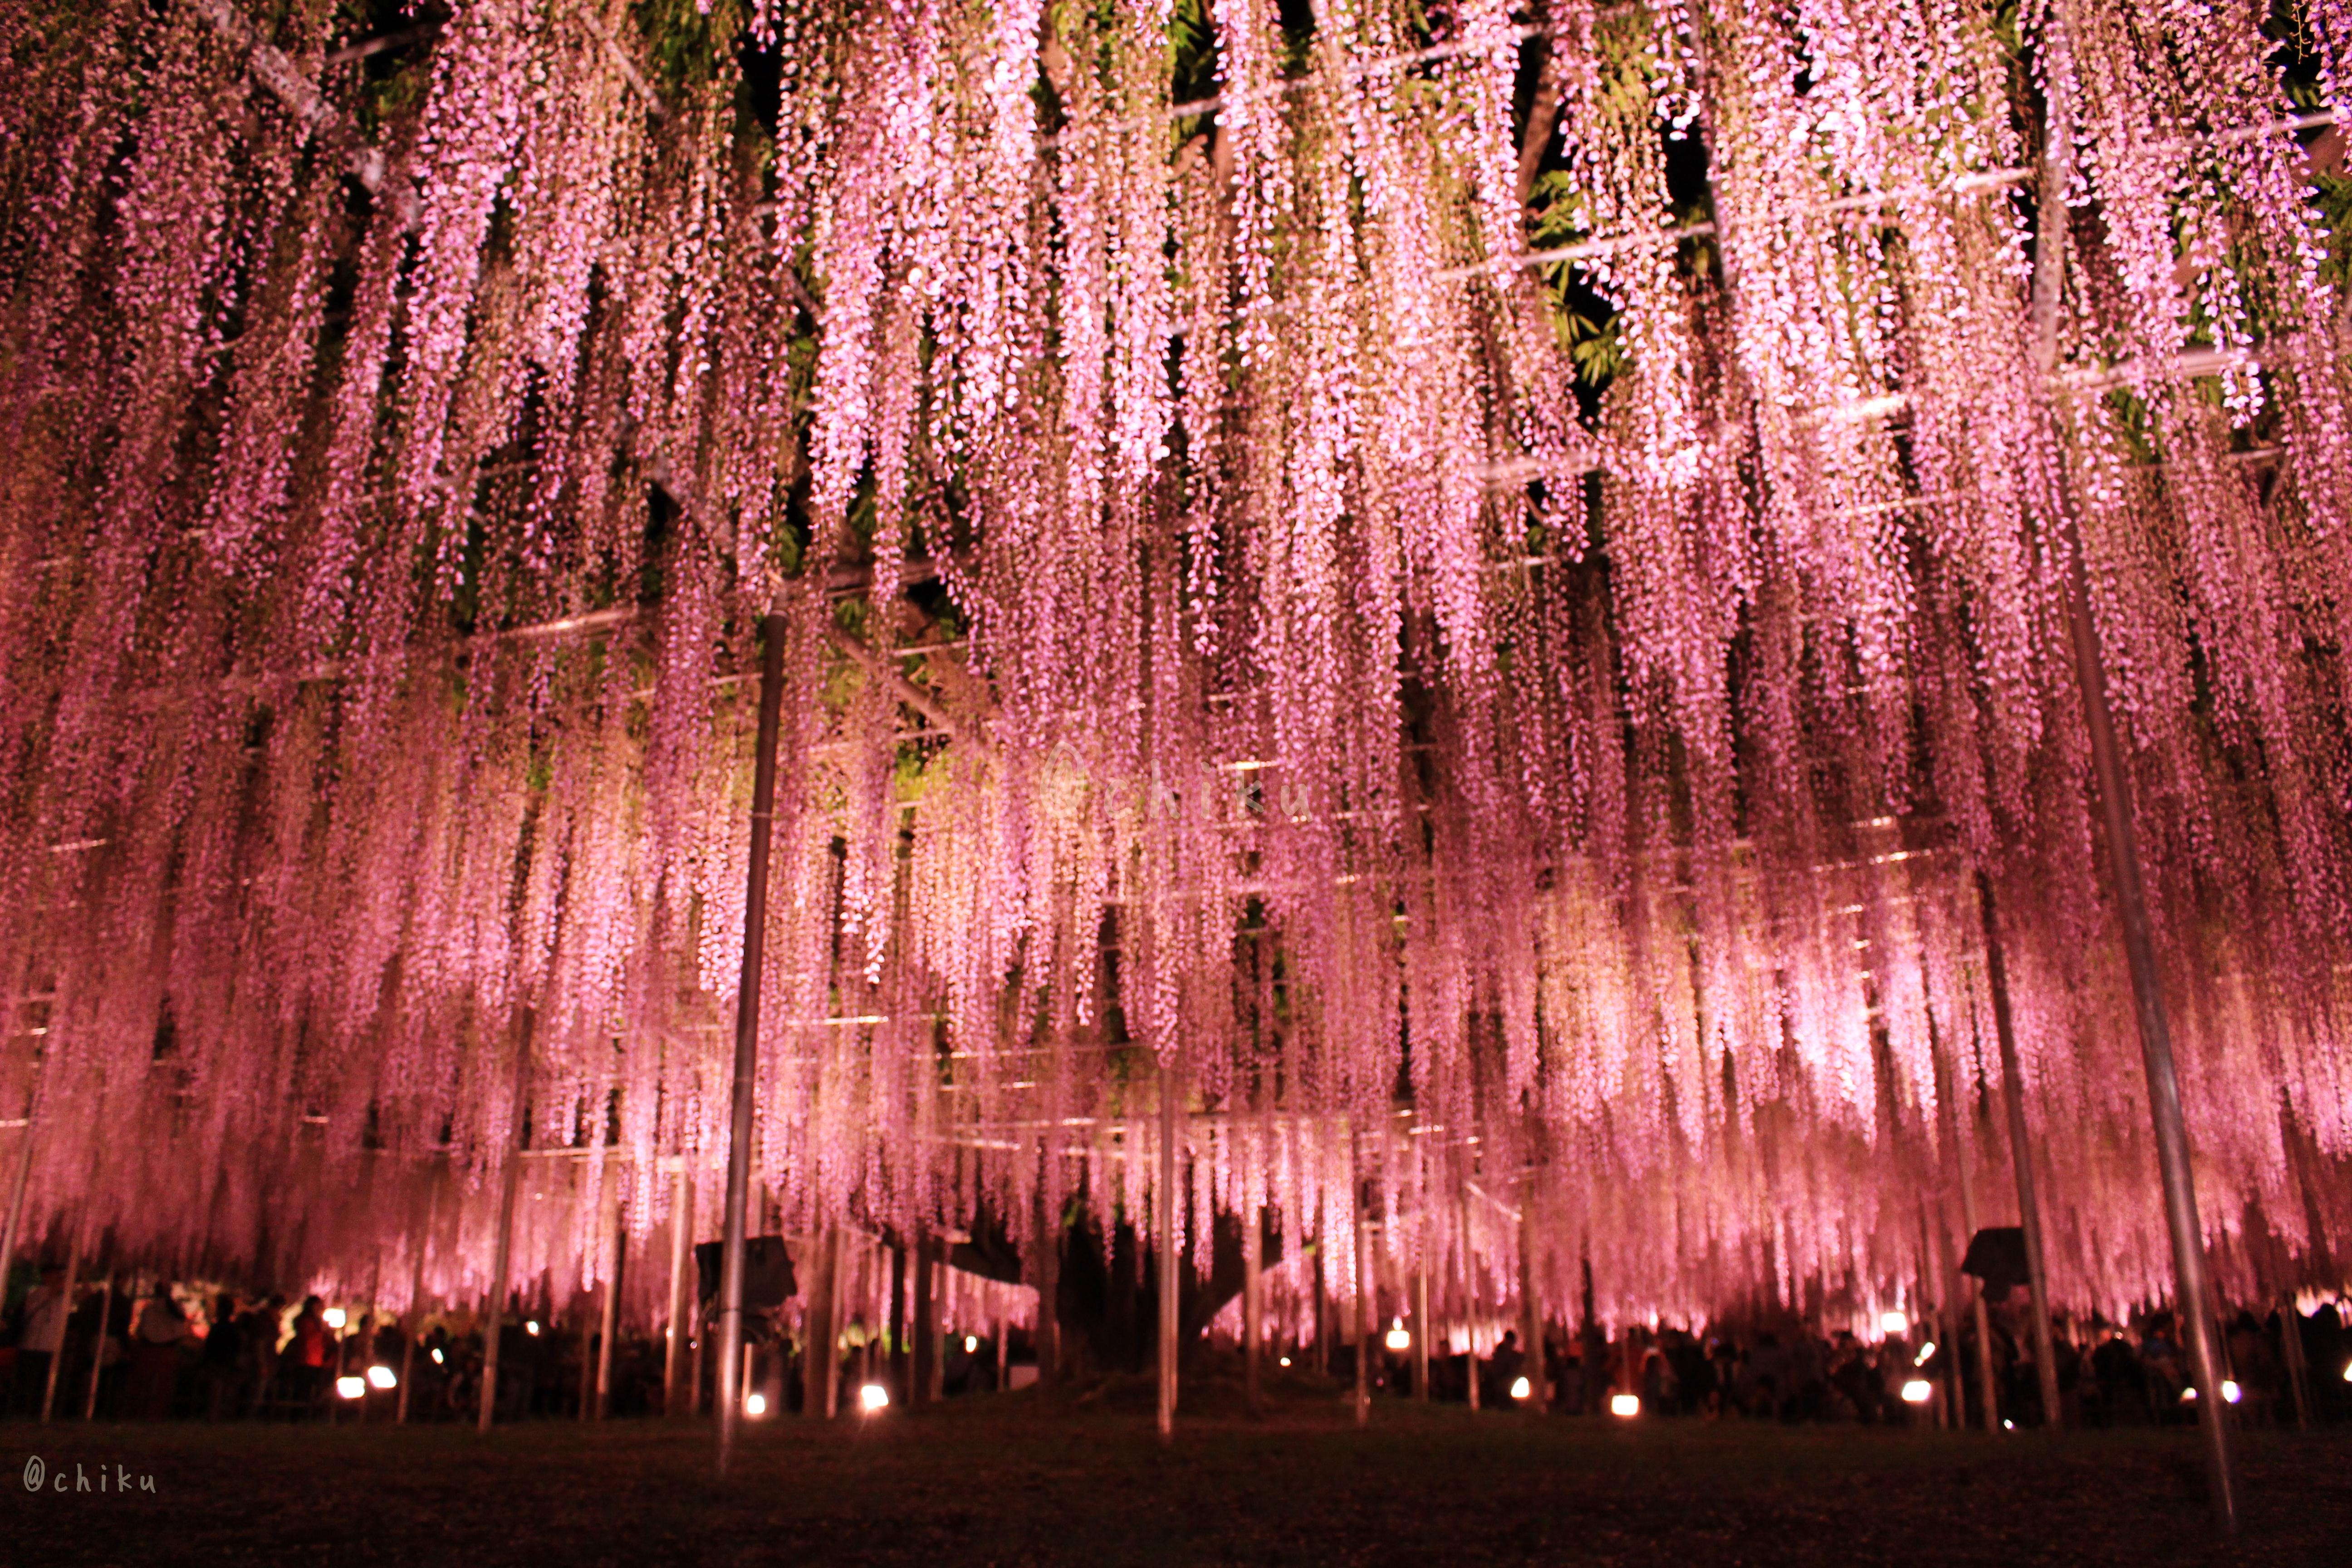 【足利旅行ブログ】1度は訪れたい栃木県足利市の王道も穴場も完全網羅